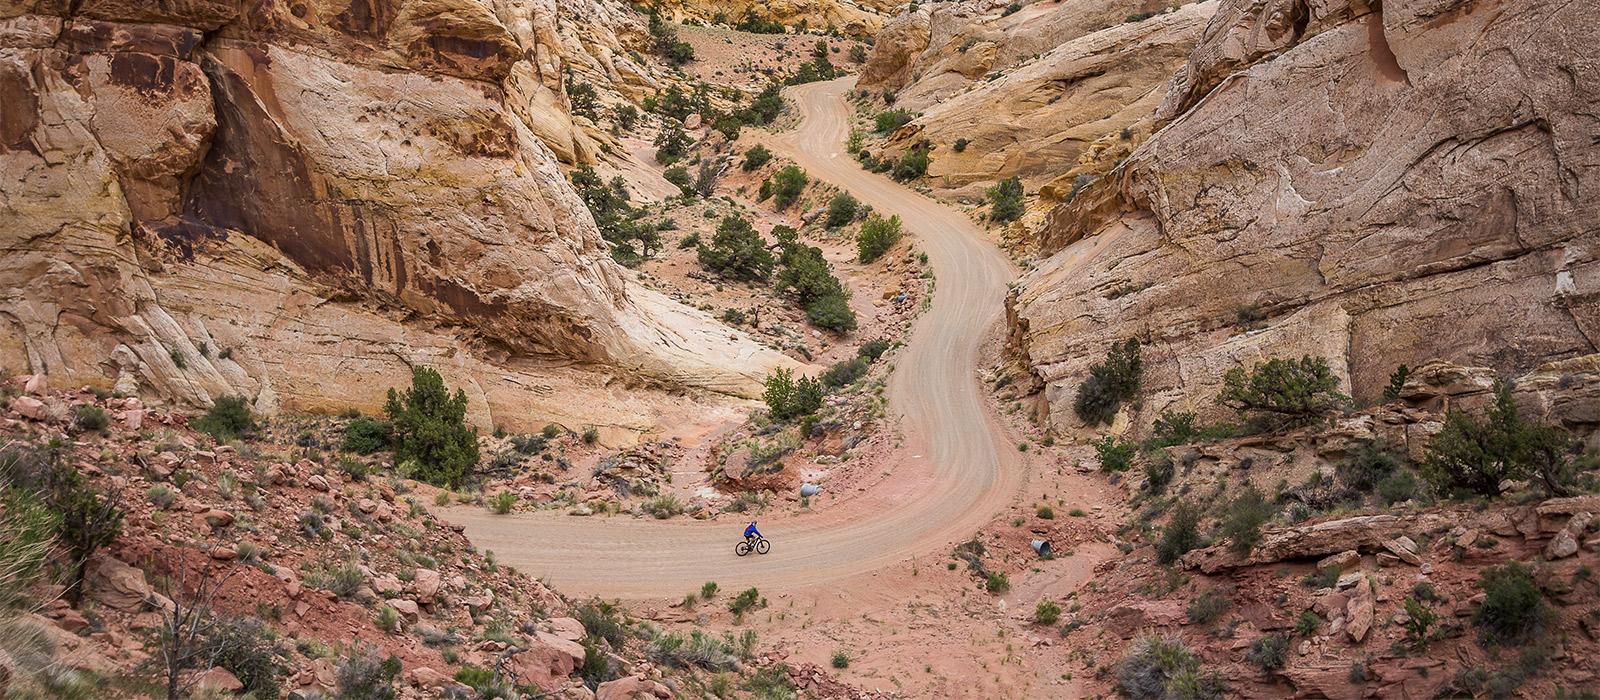 Gravel rider in the desert.